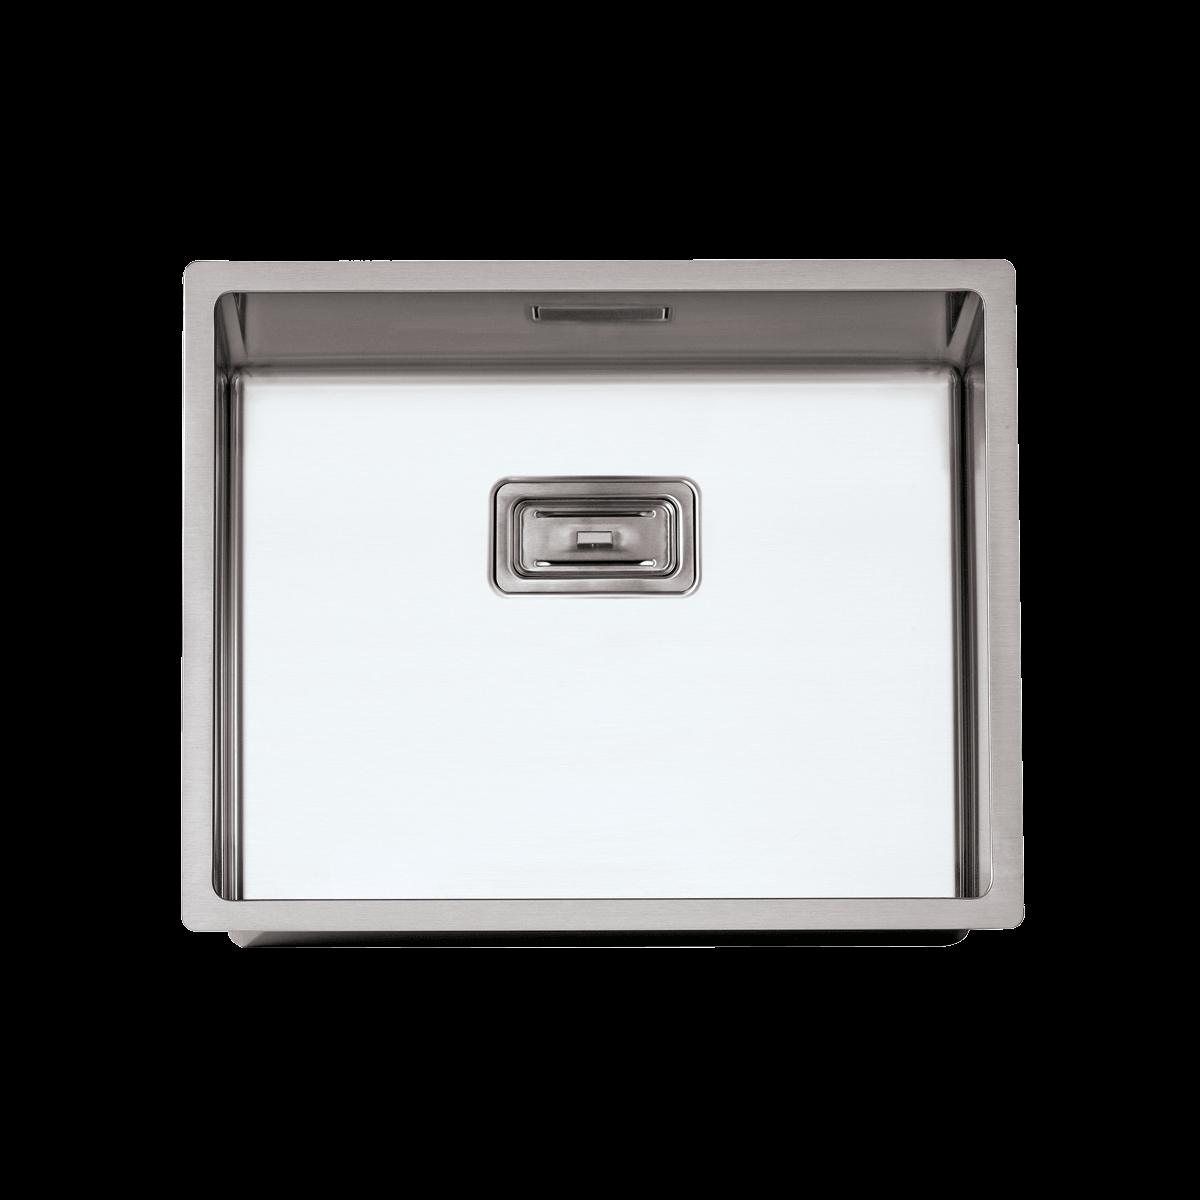 Evier en inox Rodi Box Lux Box Lux 50 BRO finition satiné couleur inox 500x400 avec 1 cuve vidage manuel Box Lux 50